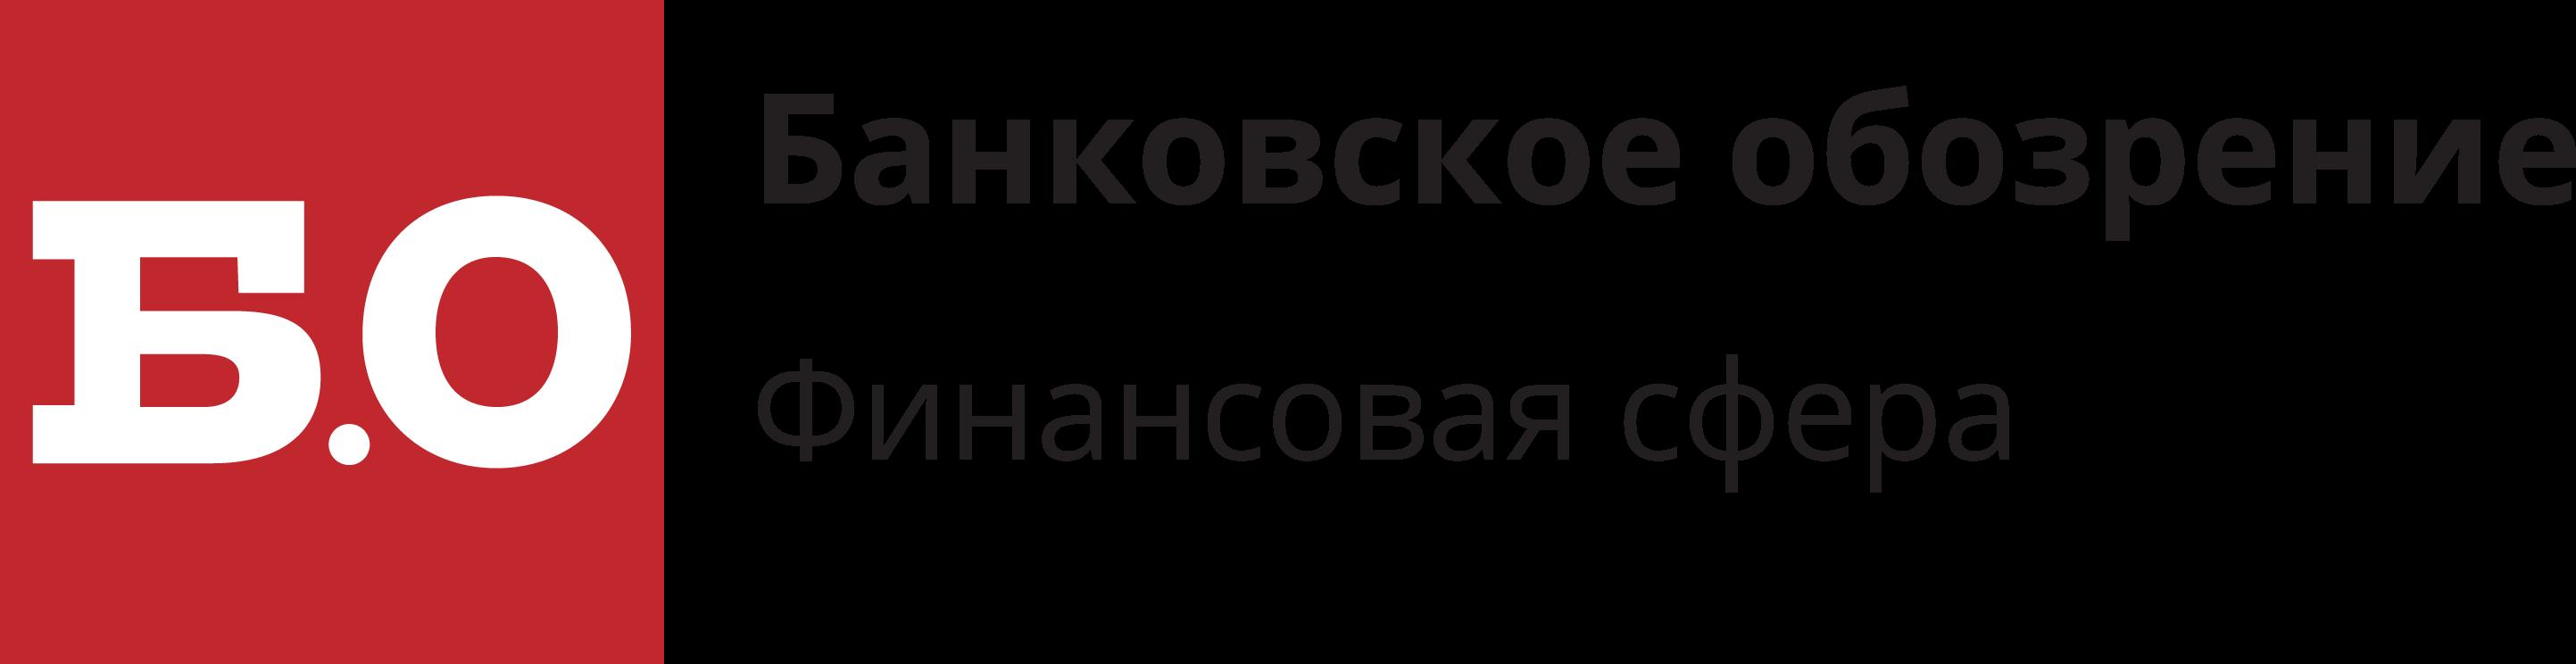 Работа в компании «Банковское обозрение» в Москвы